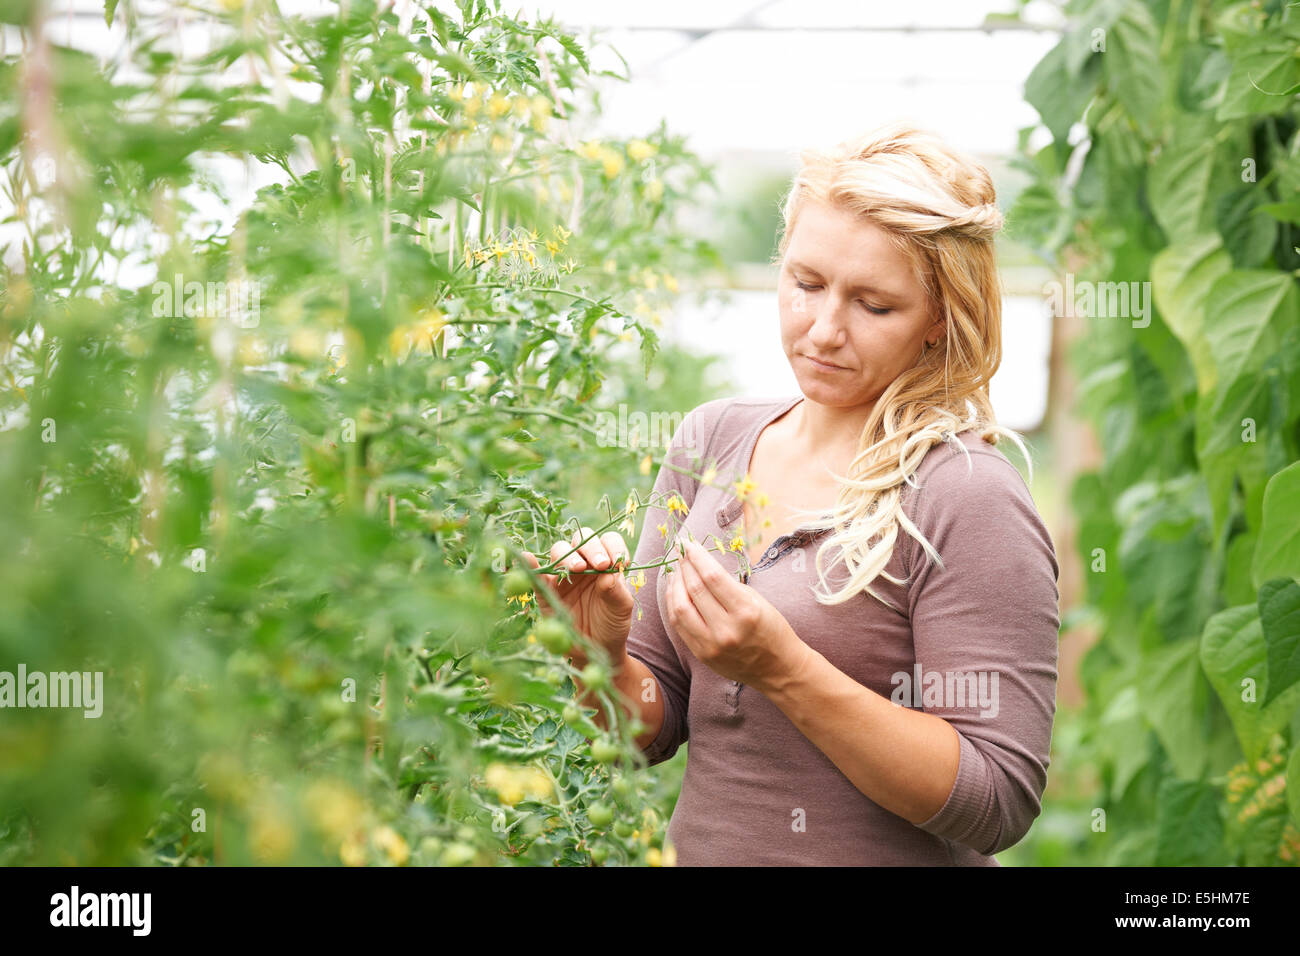 Landarbeiter im Gewächshaus Überprüfung Tomatenpflanzen Stockbild